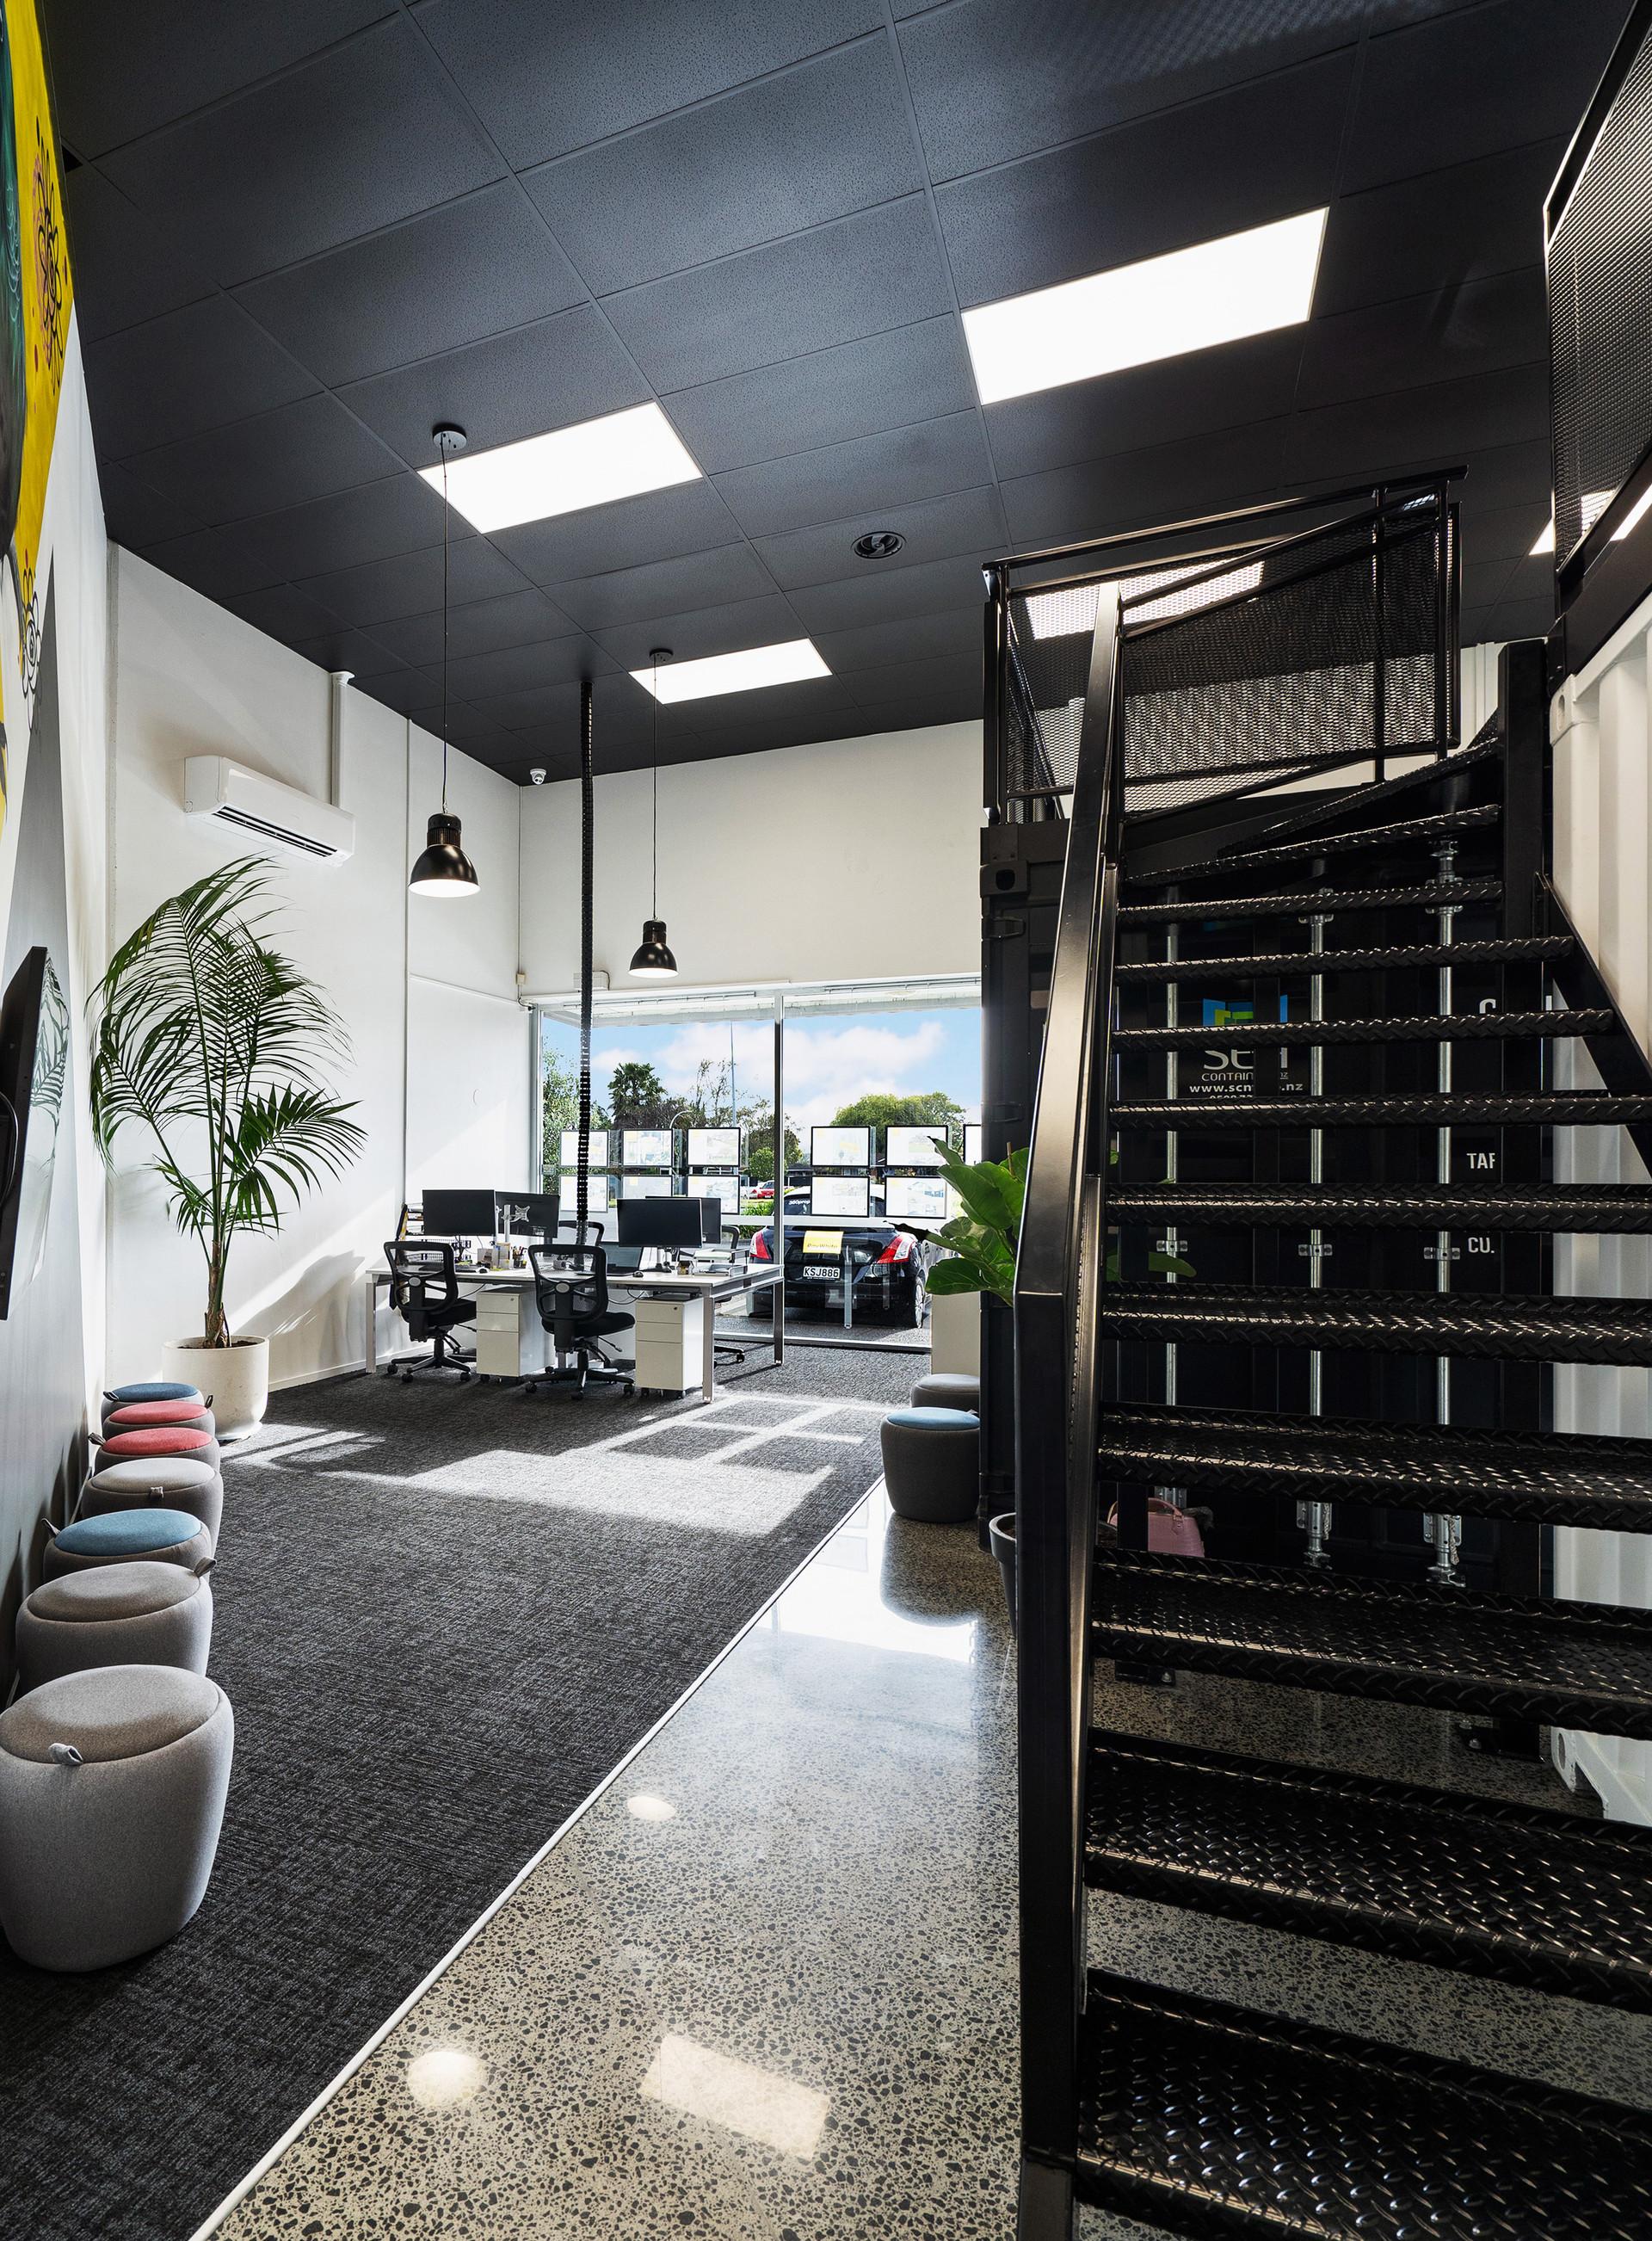 Workspace + mezzanine